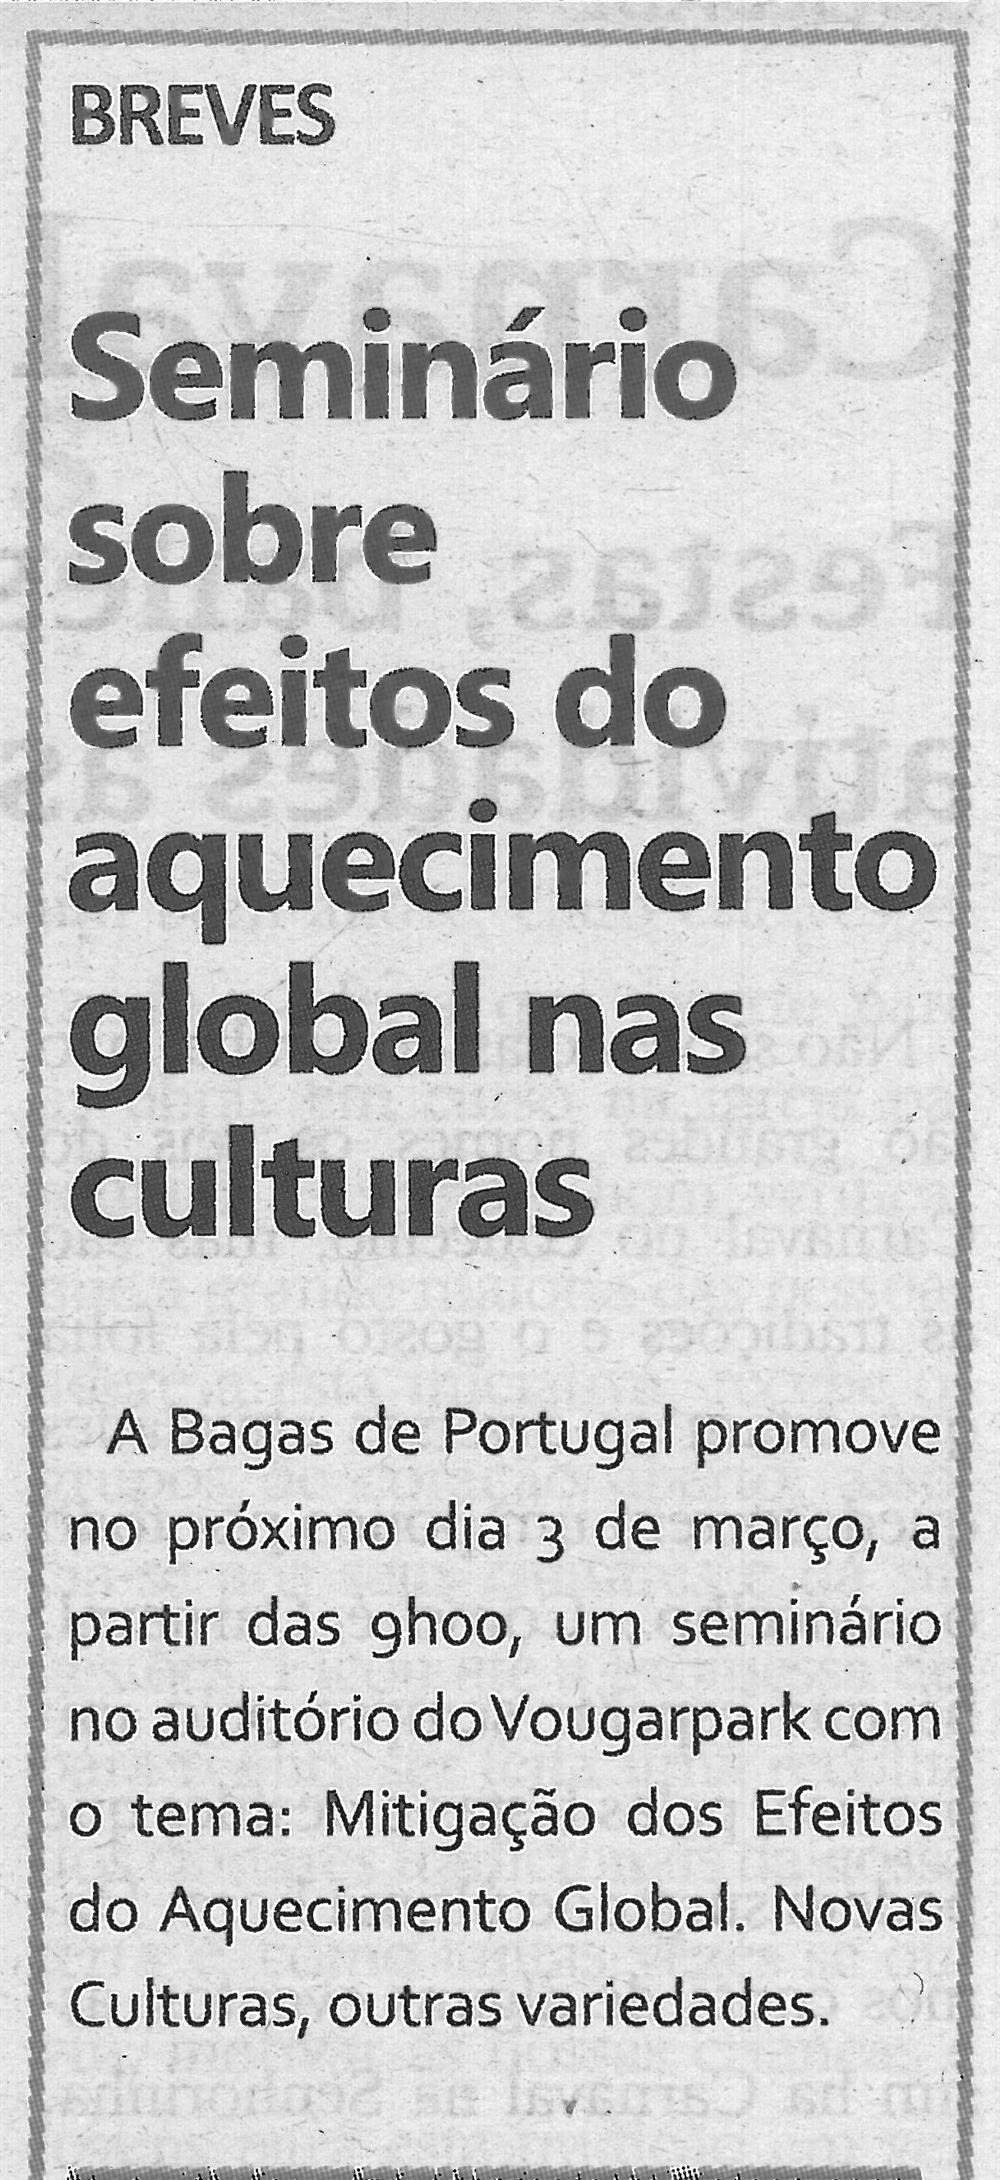 TV-fev.'18-p.5-Seminário sobre efeitos do aquecimento global nas culturas.jpg